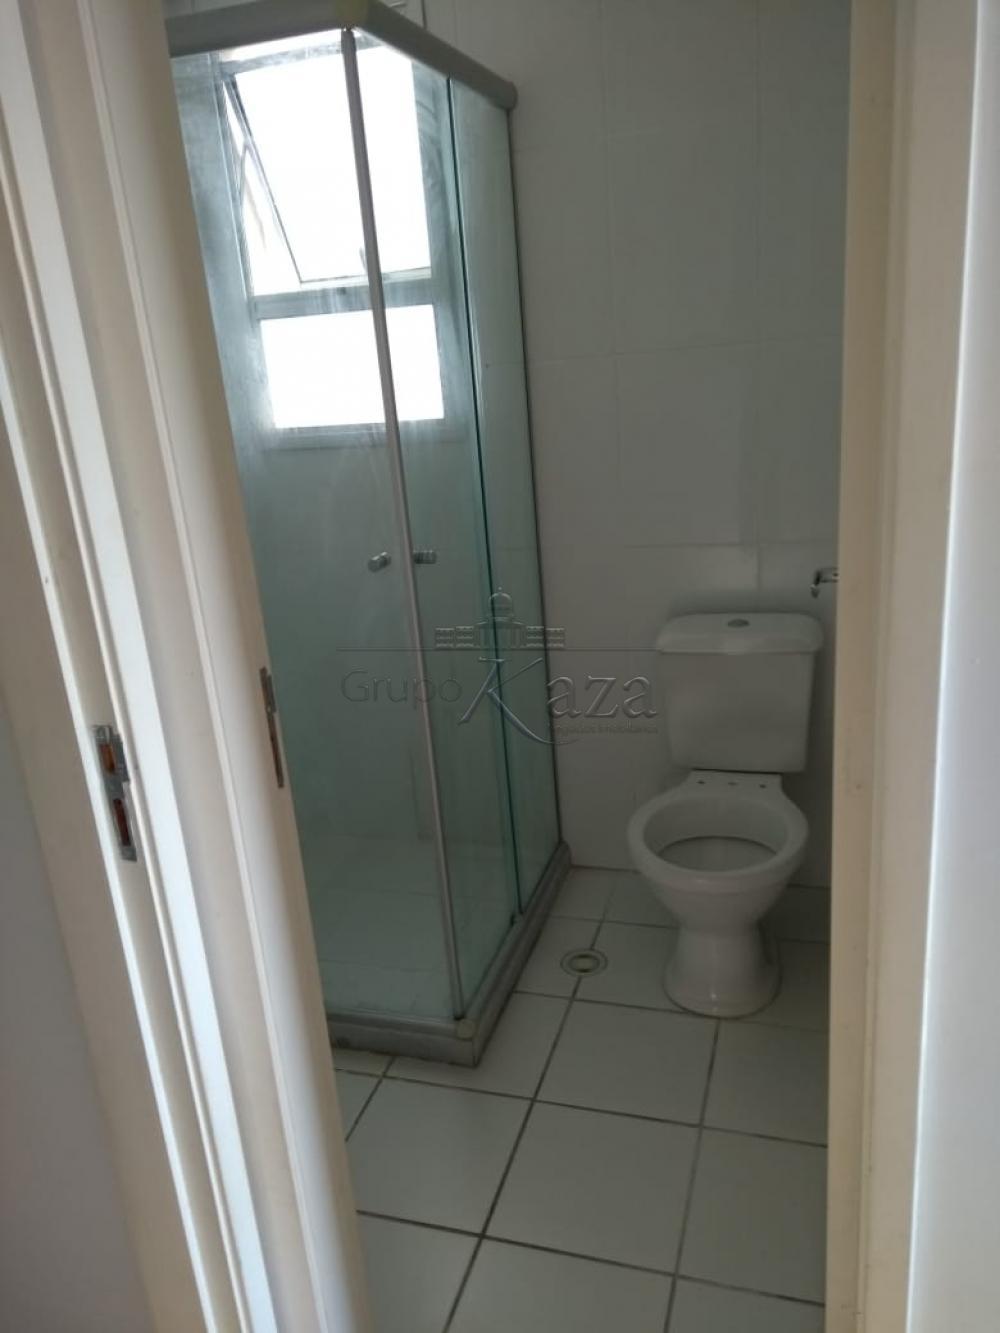 Comprar Apartamento / Padrão em São José dos Campos apenas R$ 299.000,00 - Foto 5